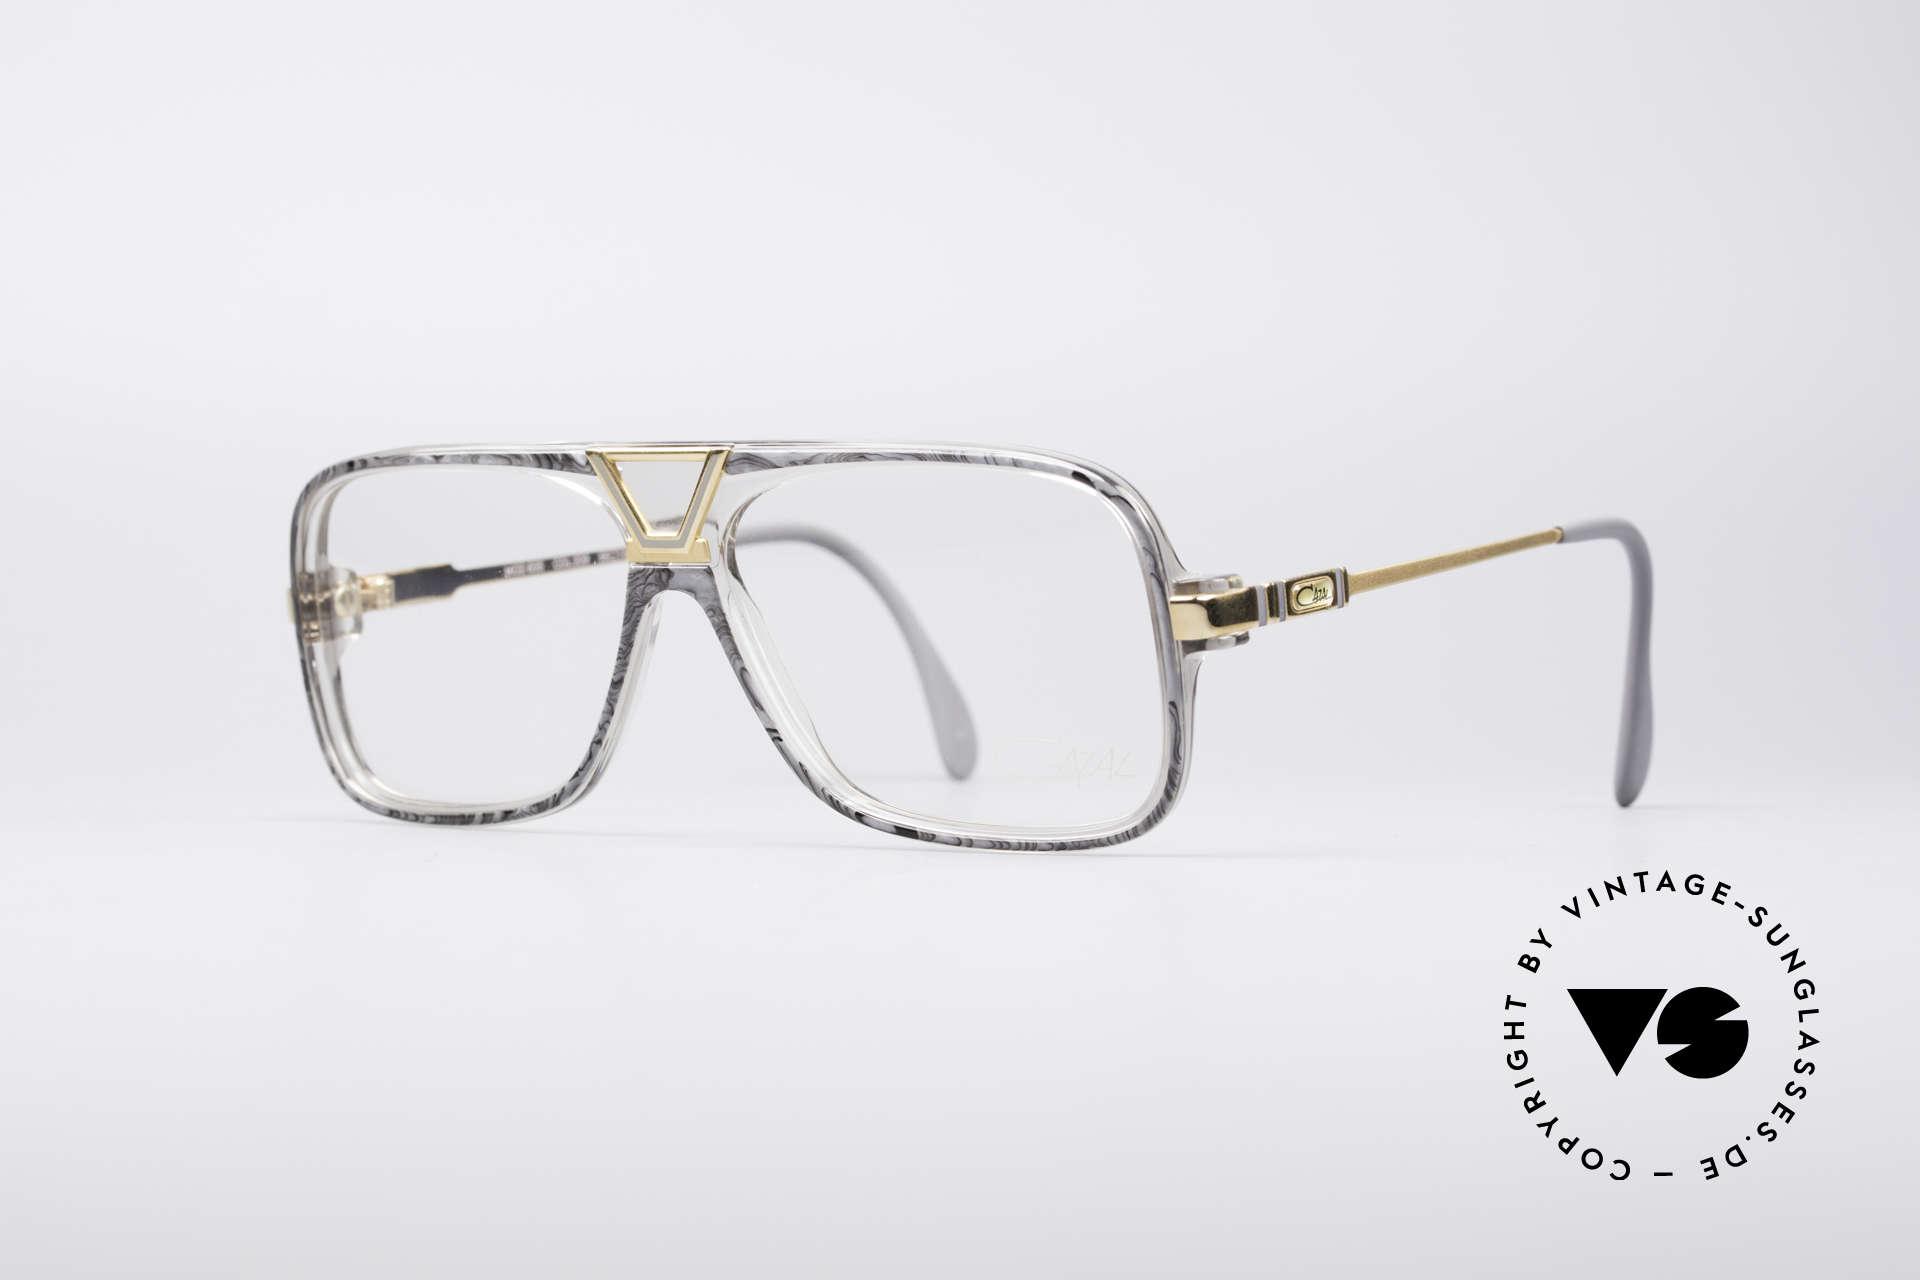 Cazal 635 Jay-Z HipHop Vintage Brille, echte Rarität von 1986 (FRAME W.GERMANY), Passend für Herren